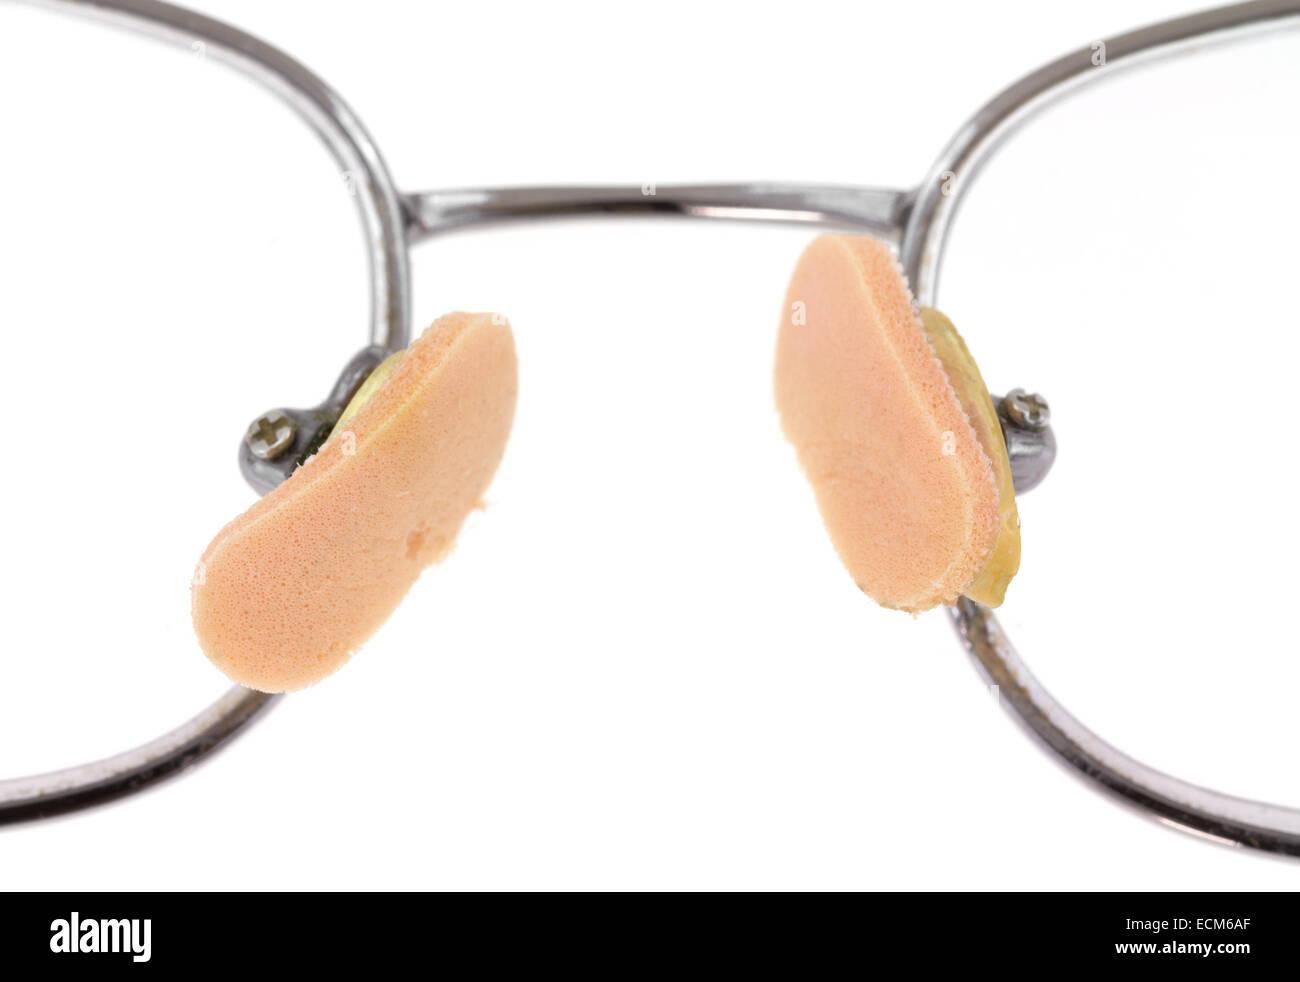 Molto vicino in vista di soft nose pads attaccato ad un occhiale. Immagini Stock